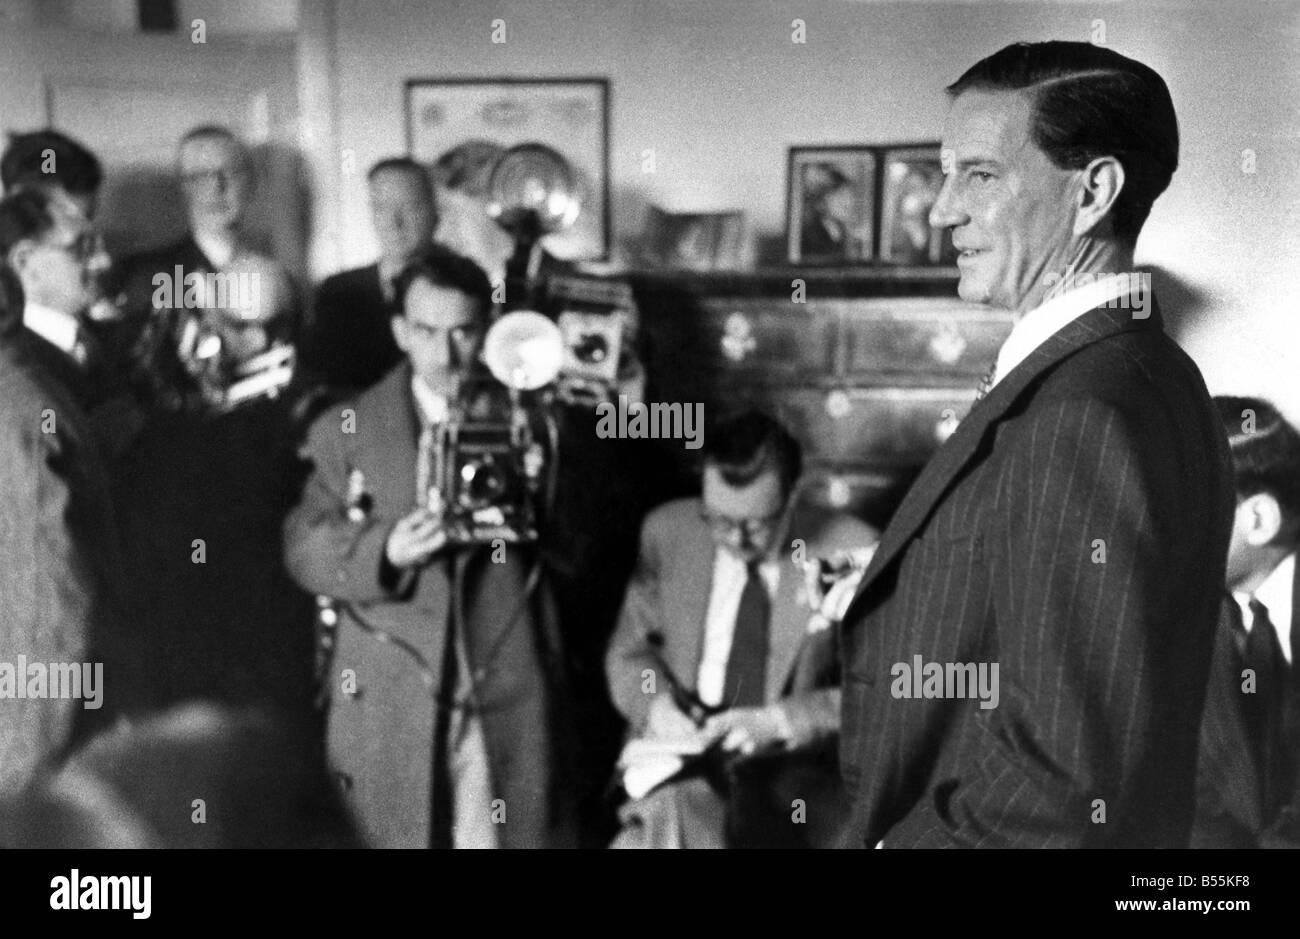 Soviet Spy Kim Philby. P009631 - Stock Image